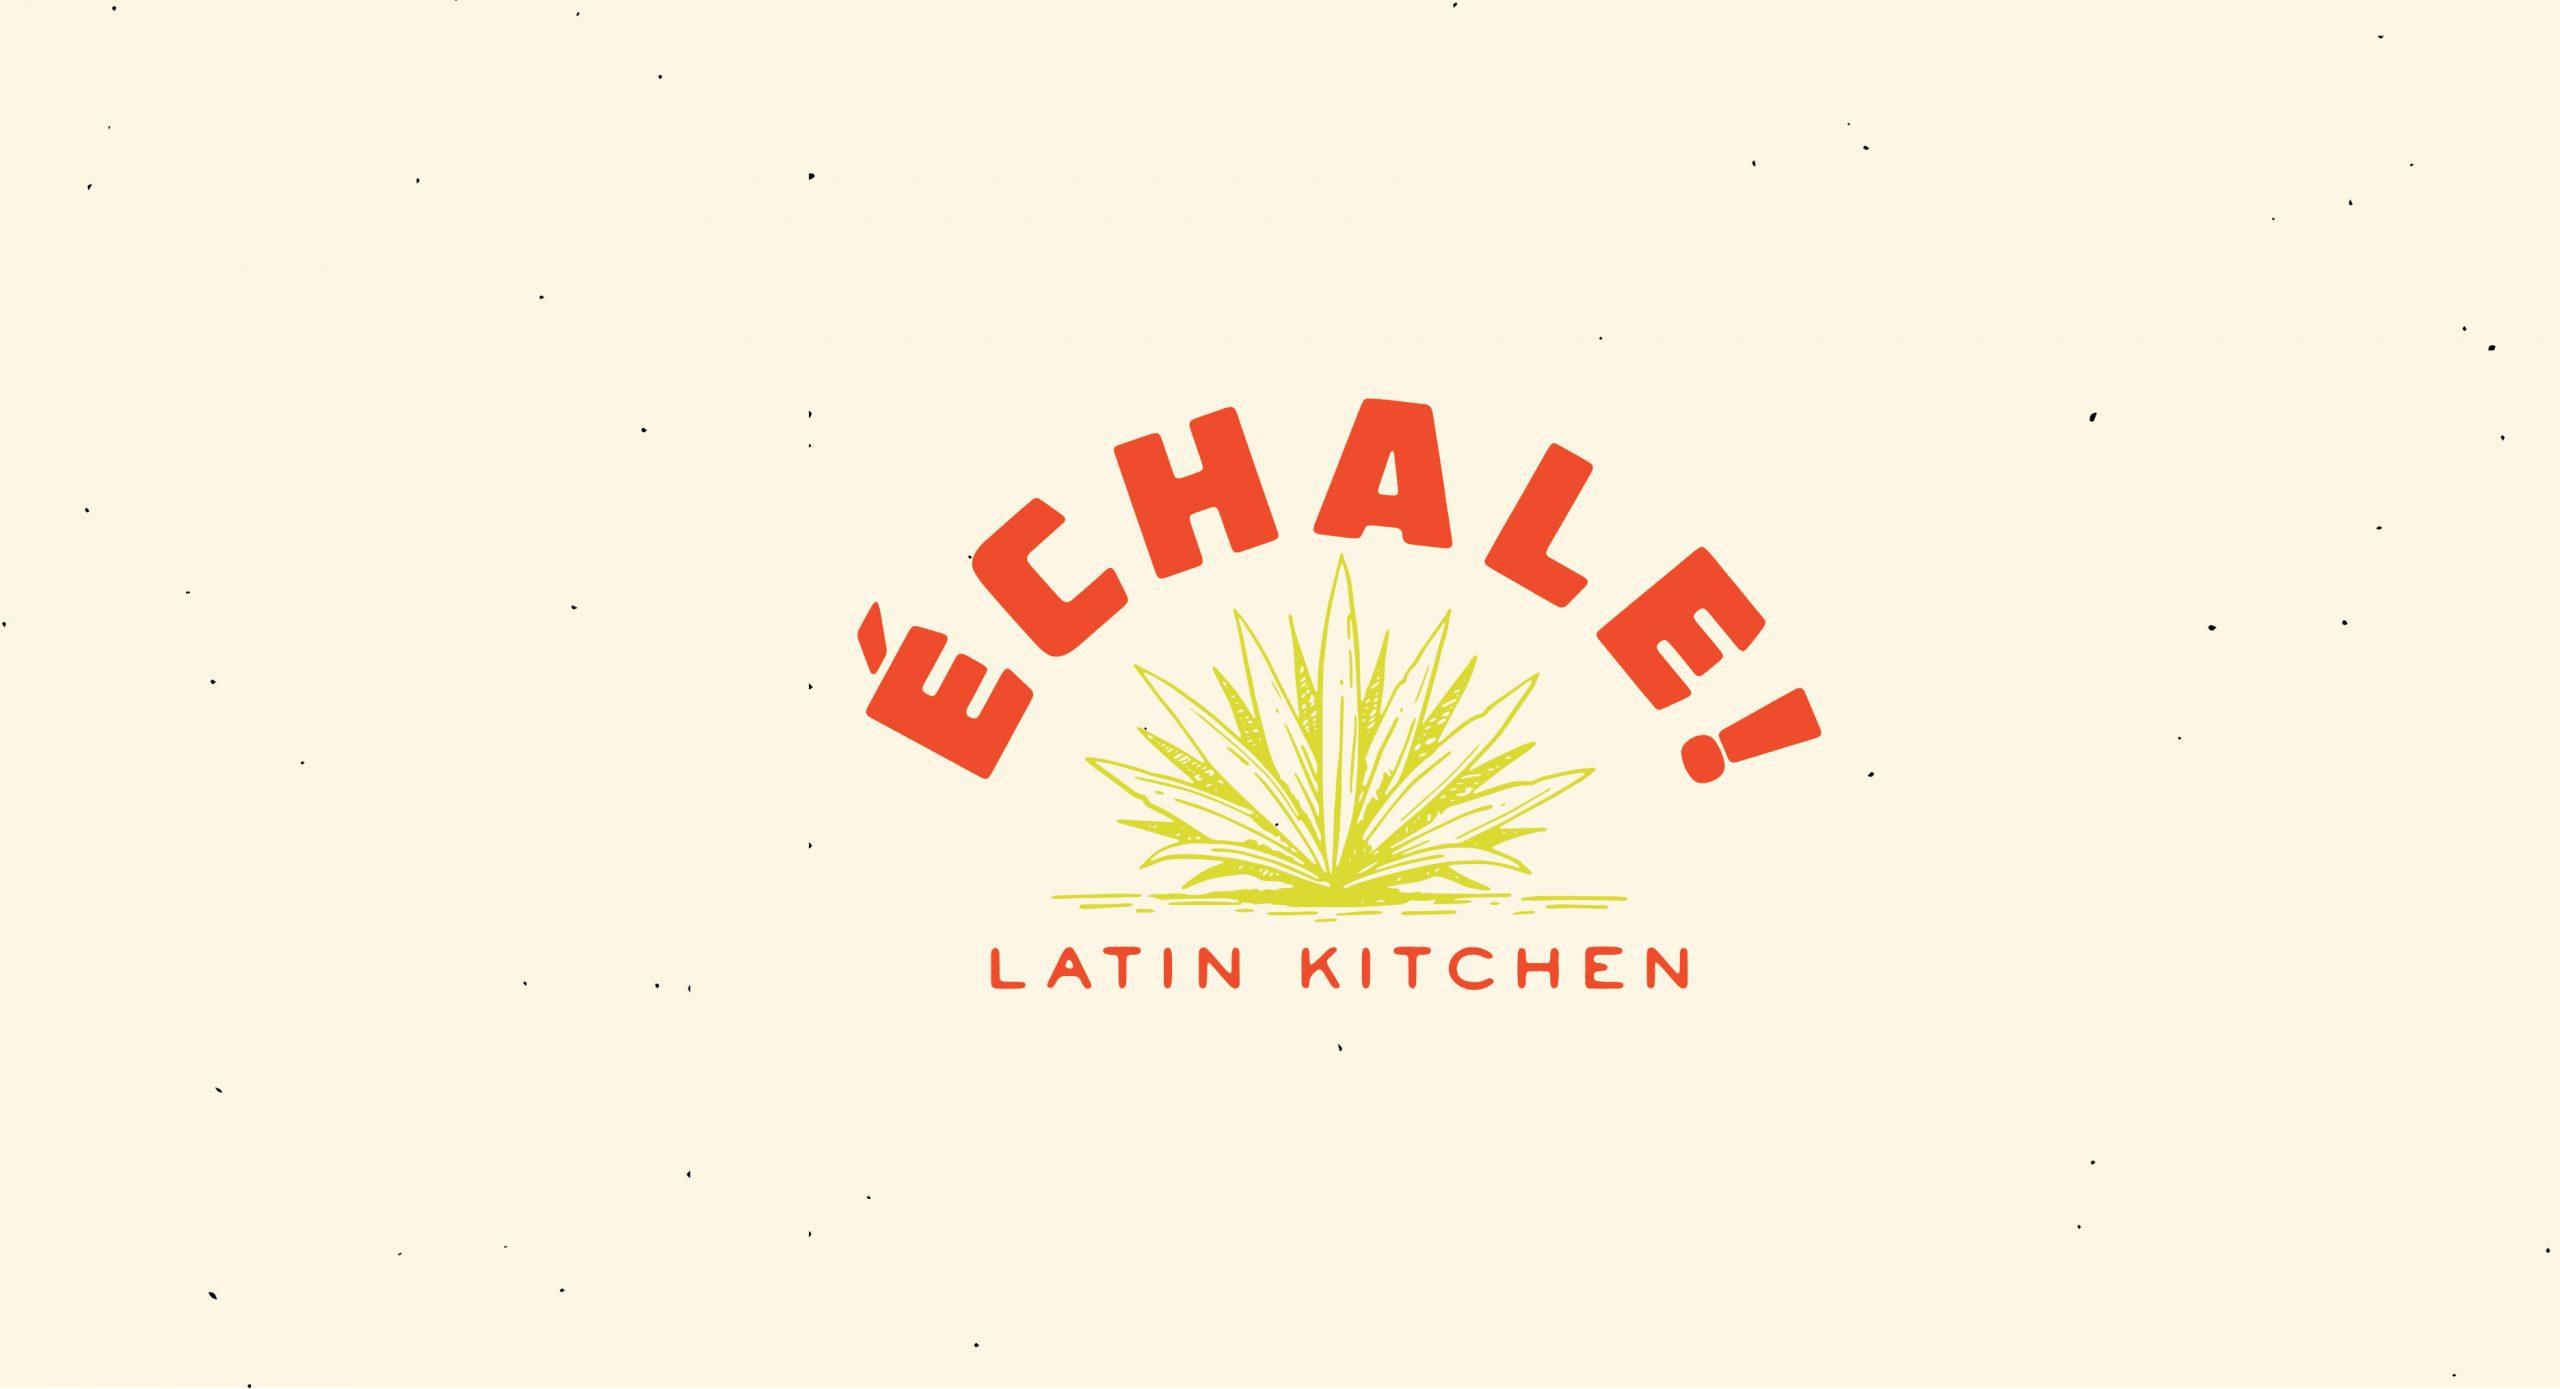 echale_extended_brandingsheet_v2-04